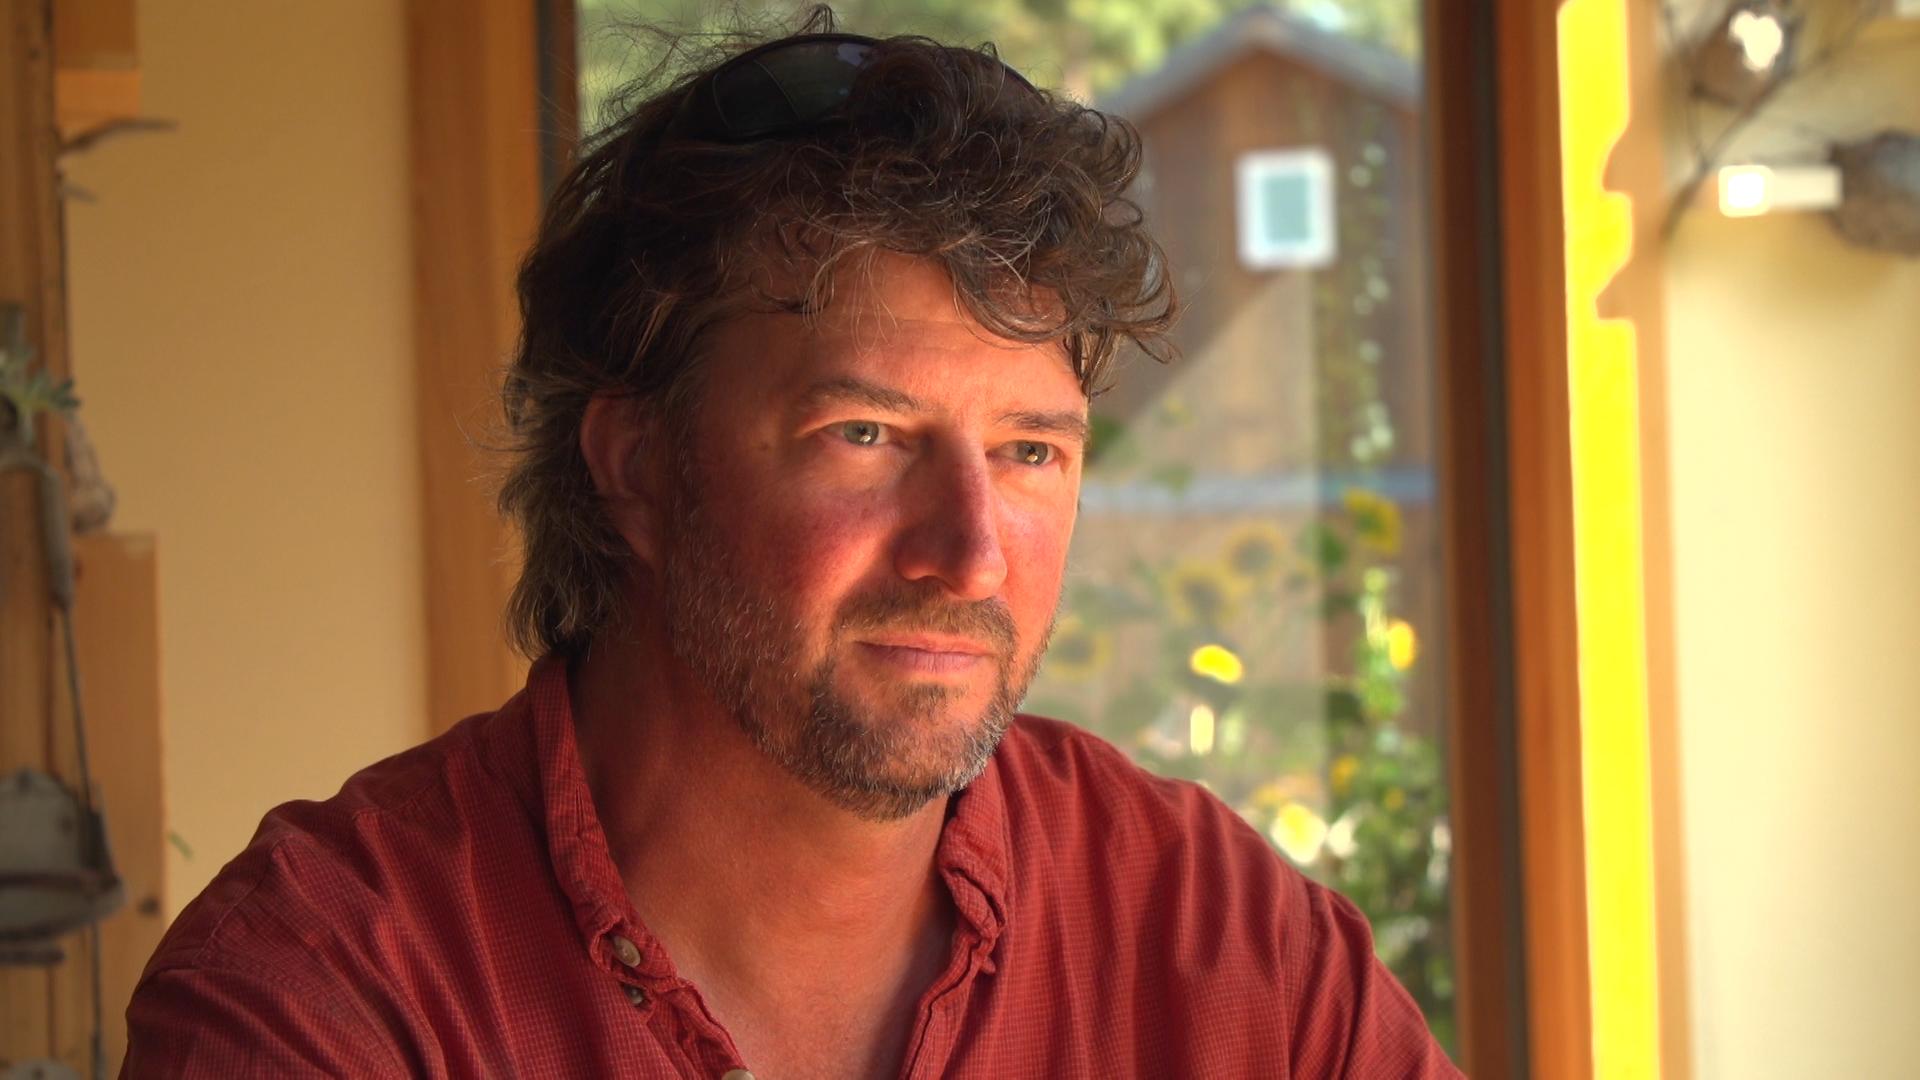 Face of Derek Van Marter